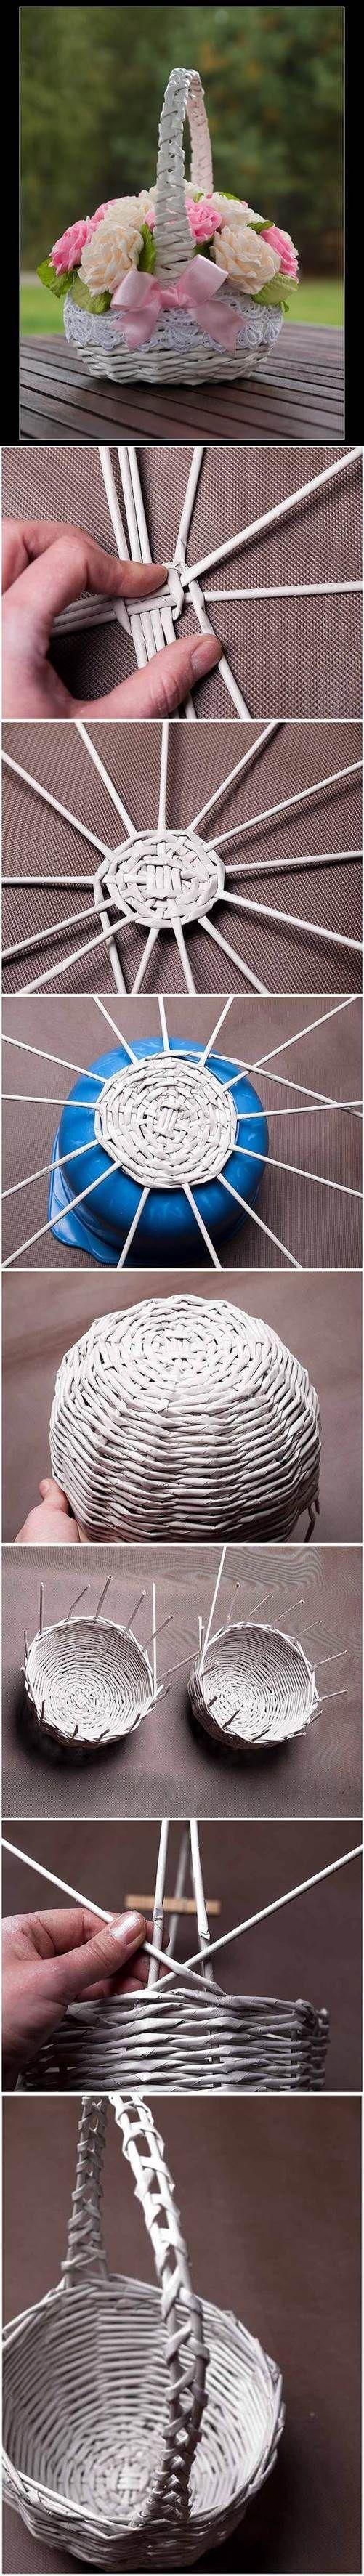 Periódico DIY Tubos Weaving Basket 2